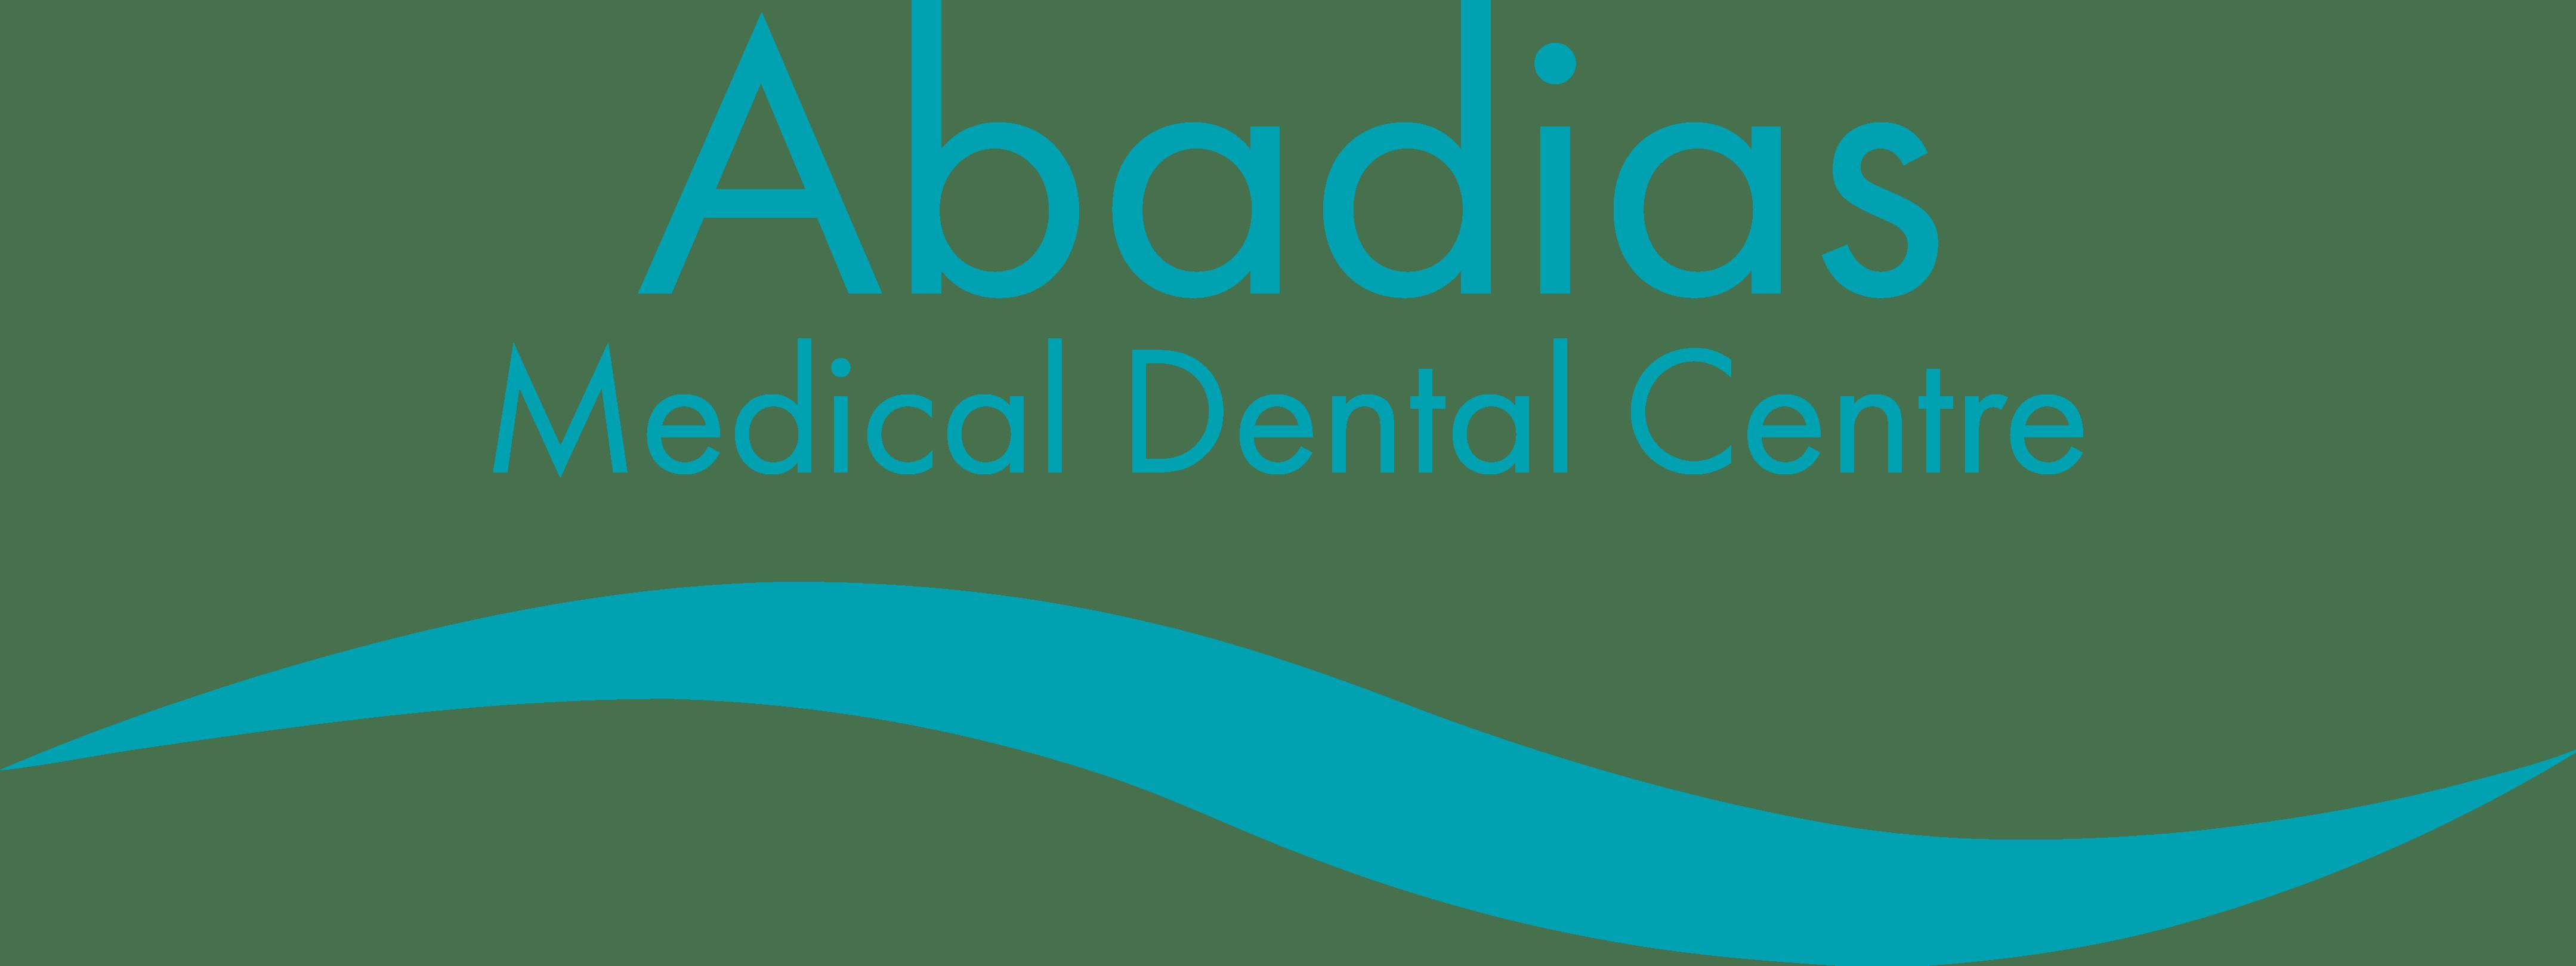 Clínica Médica Dentária das Abadias